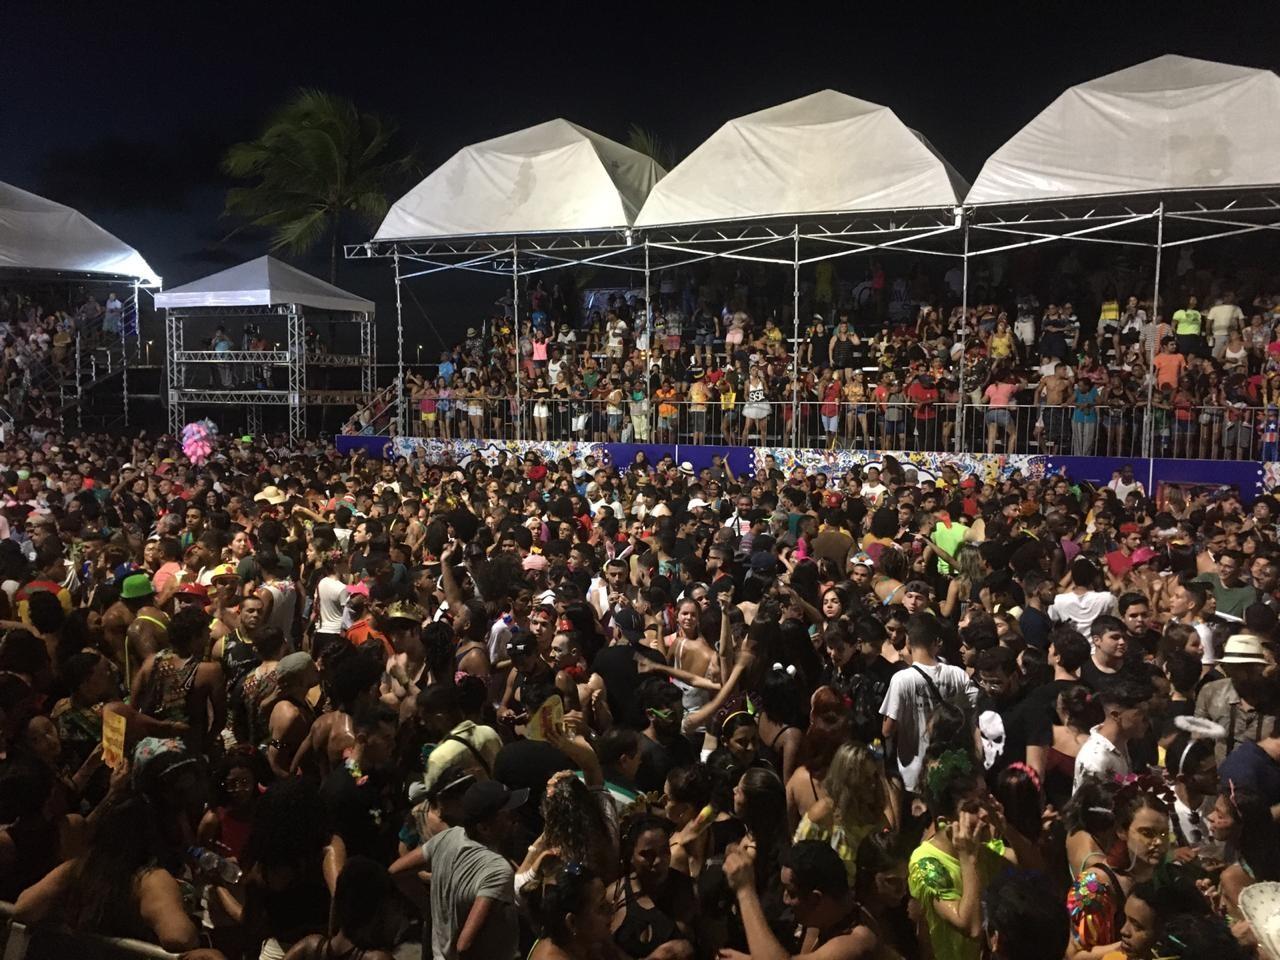 AO VIVO: Veja a folia no Circuito Beira Mar, em São Luís